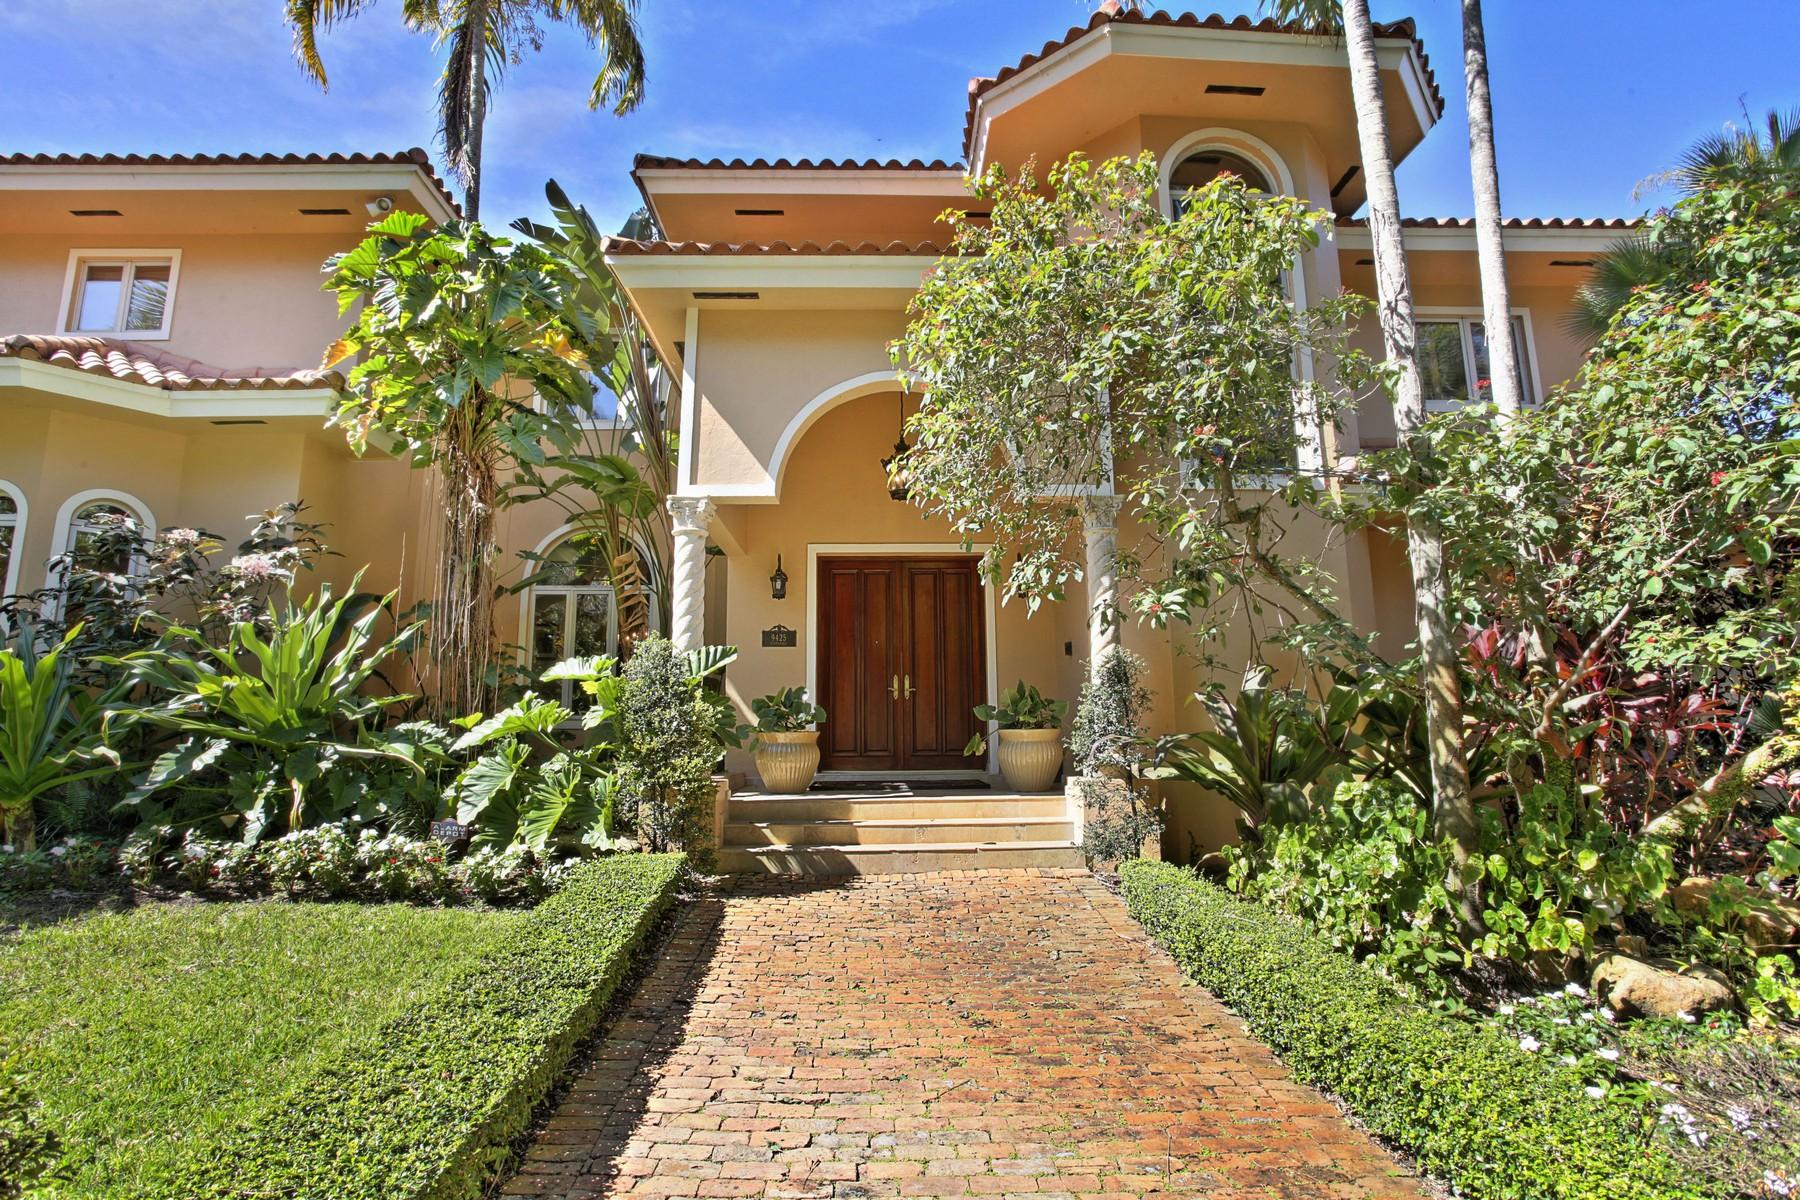 独户住宅 为 销售 在 9425 SW 114 St 9425 Sw 114 St. 迈阿密, 佛罗里达州, 33176 美国